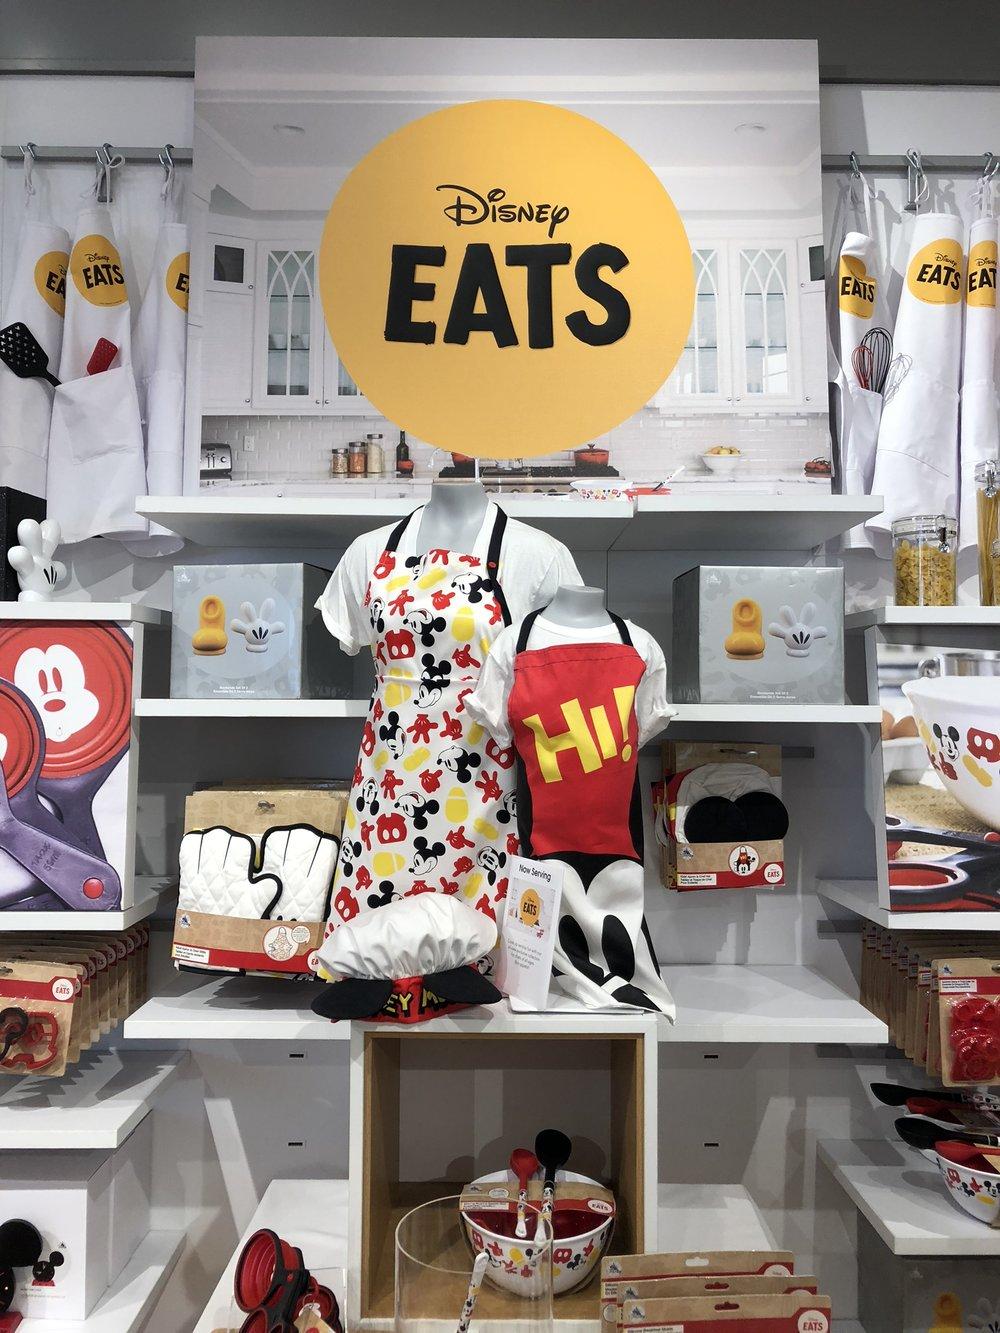 Cutest kitchen display!